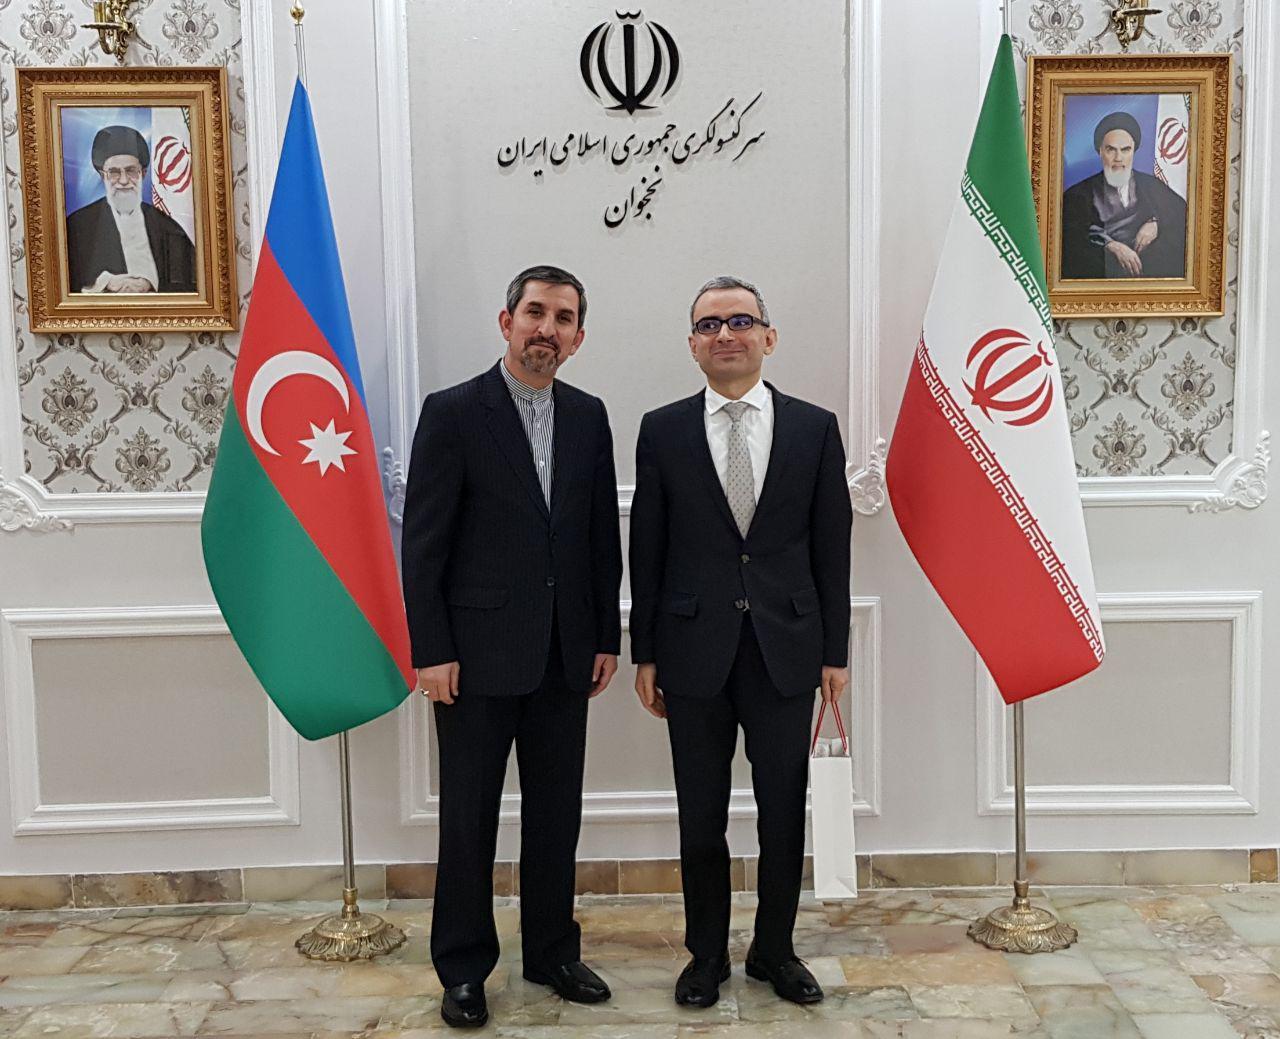 سرکنسول ایران در نخجوان: امیدوار به توسعه روابط سه جانبه ایران، ترکیه و آذربایجان هستیم